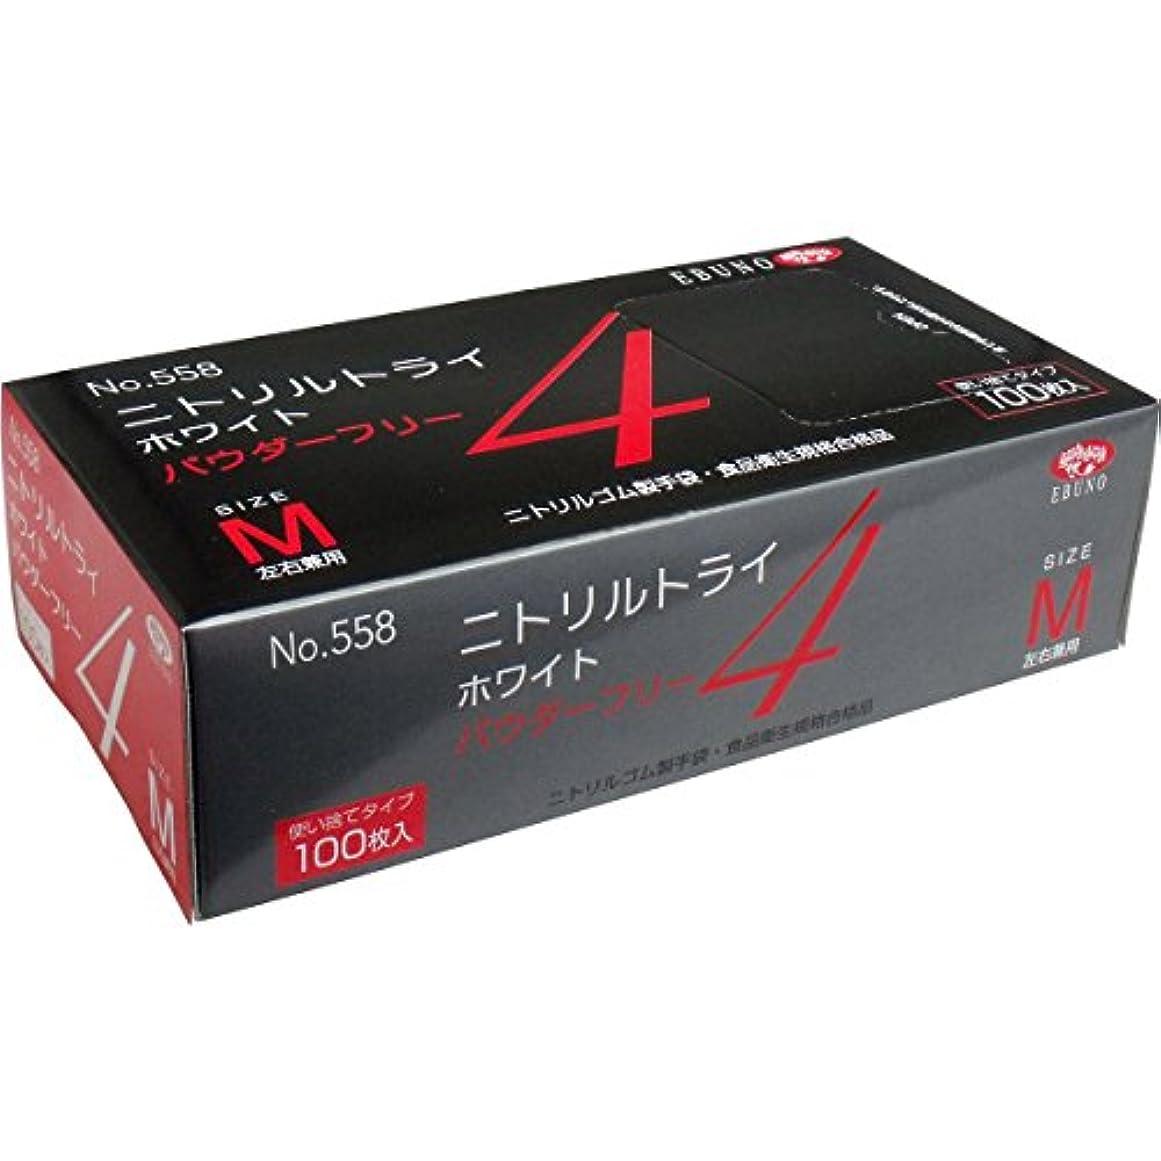 化合物ブルファントムニトリルトライ4 №558 ホワイト 粉無 Mサイズ 100枚入